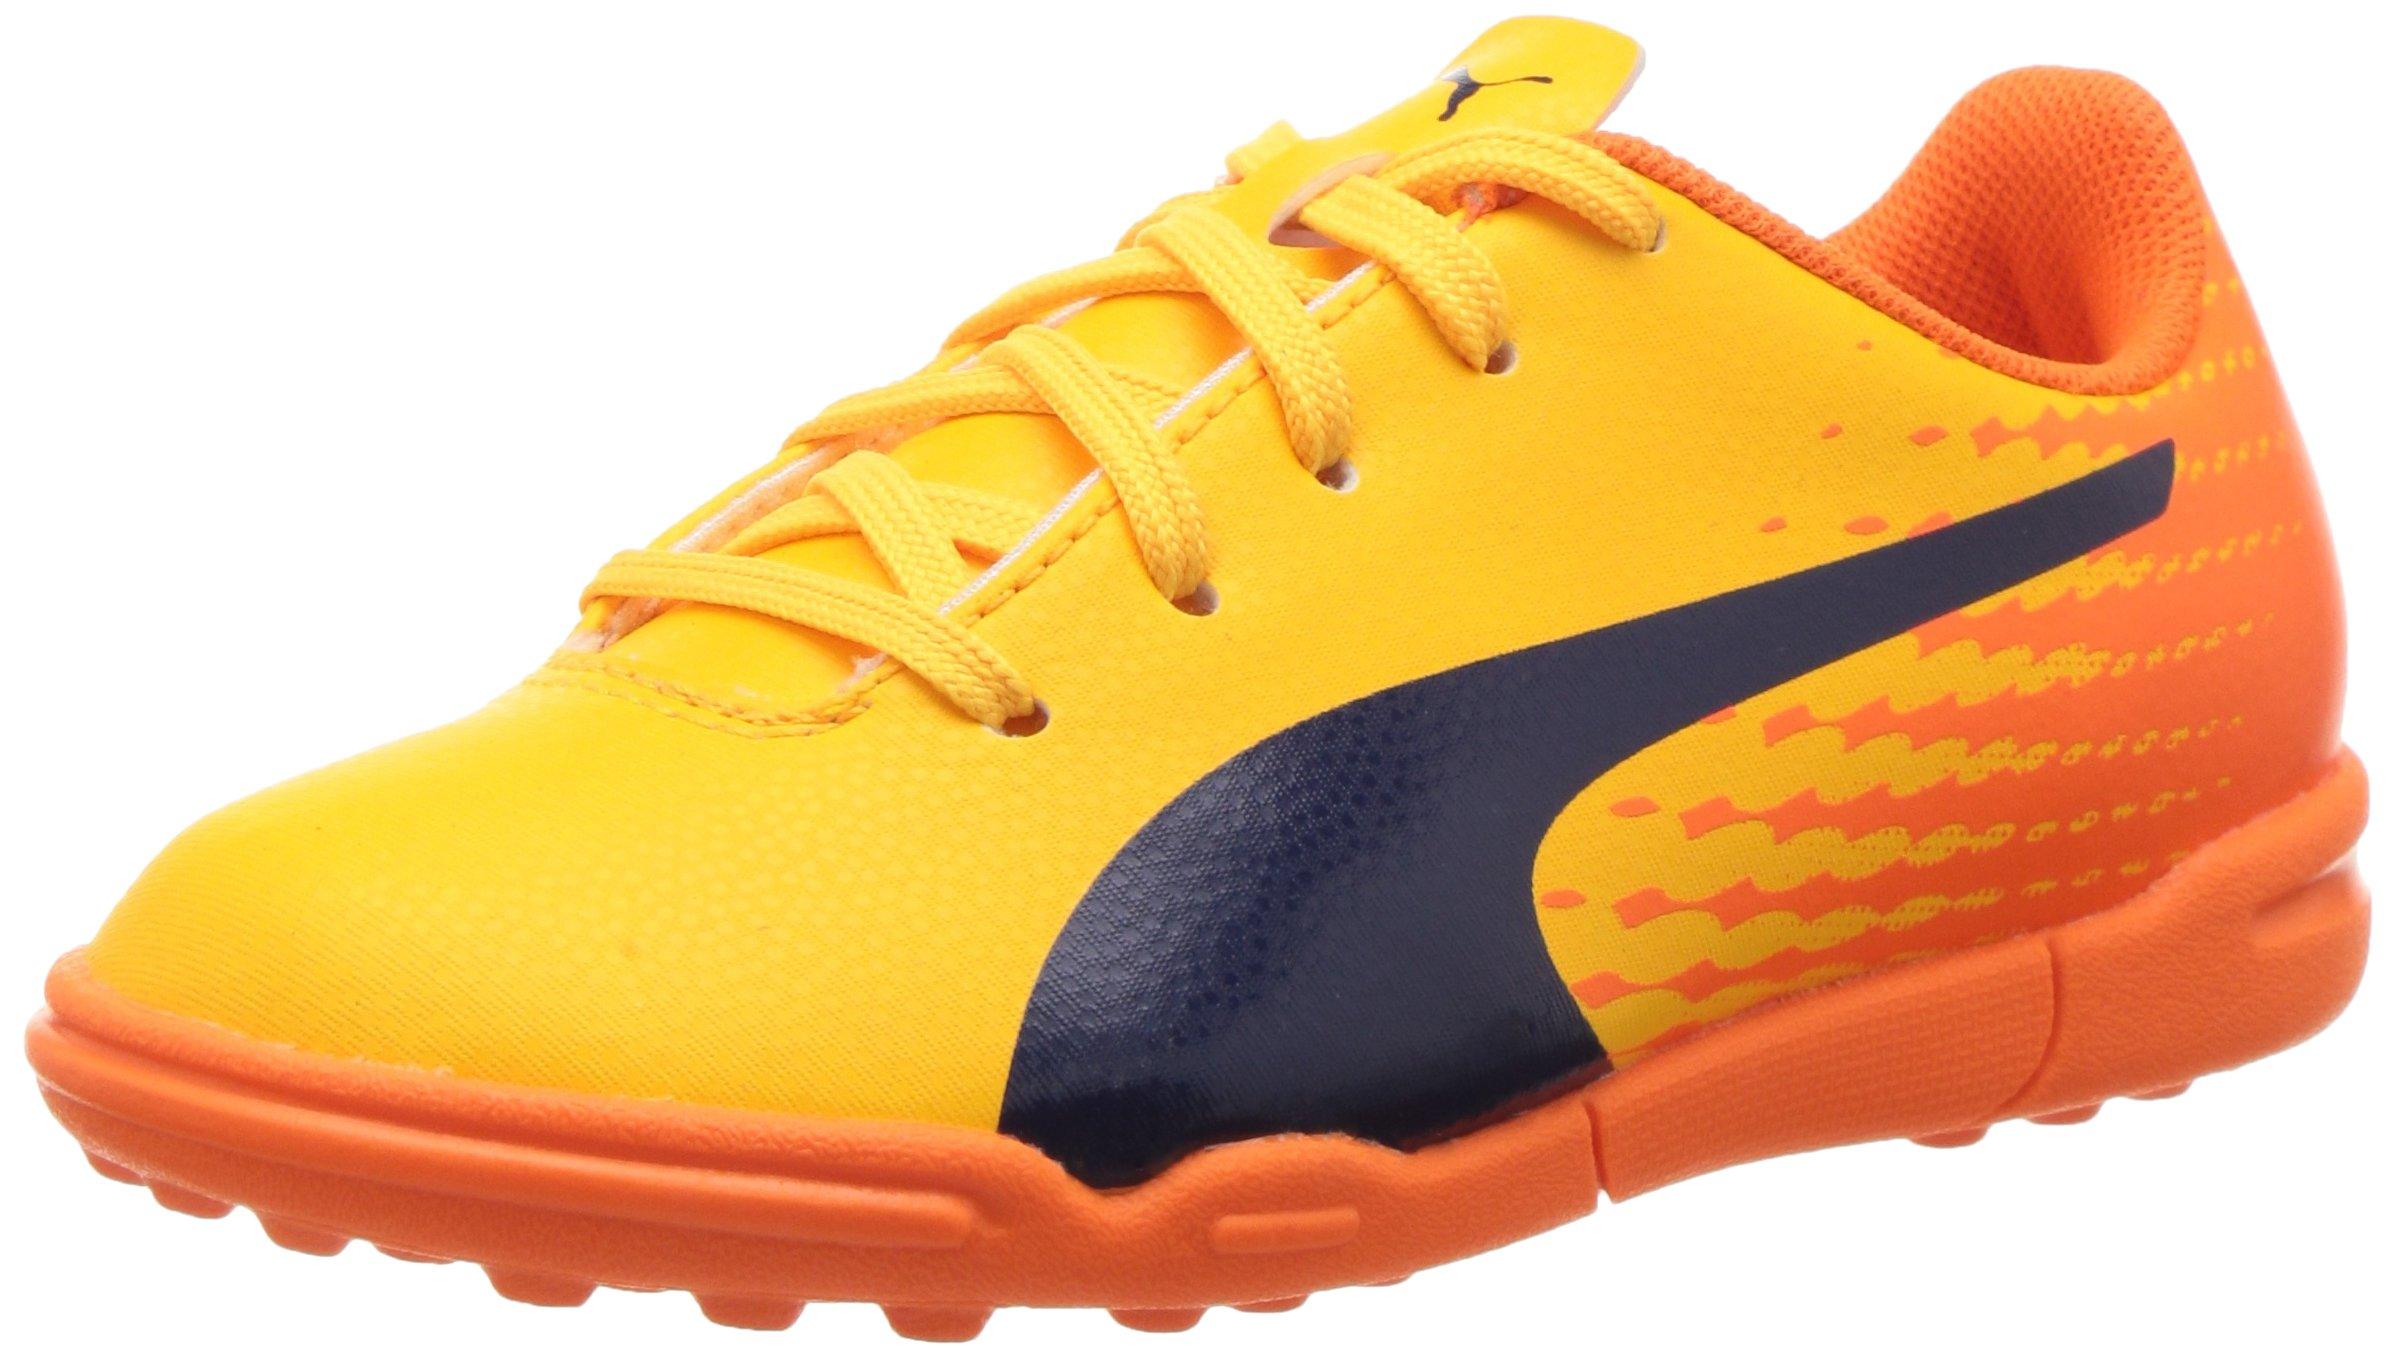 PUMA Kids' Evospeed 17.5 TT Jr Skate Shoe, Ultra Yellow-Peacoat-Orange Clown Fish, 4 M US Big Kid